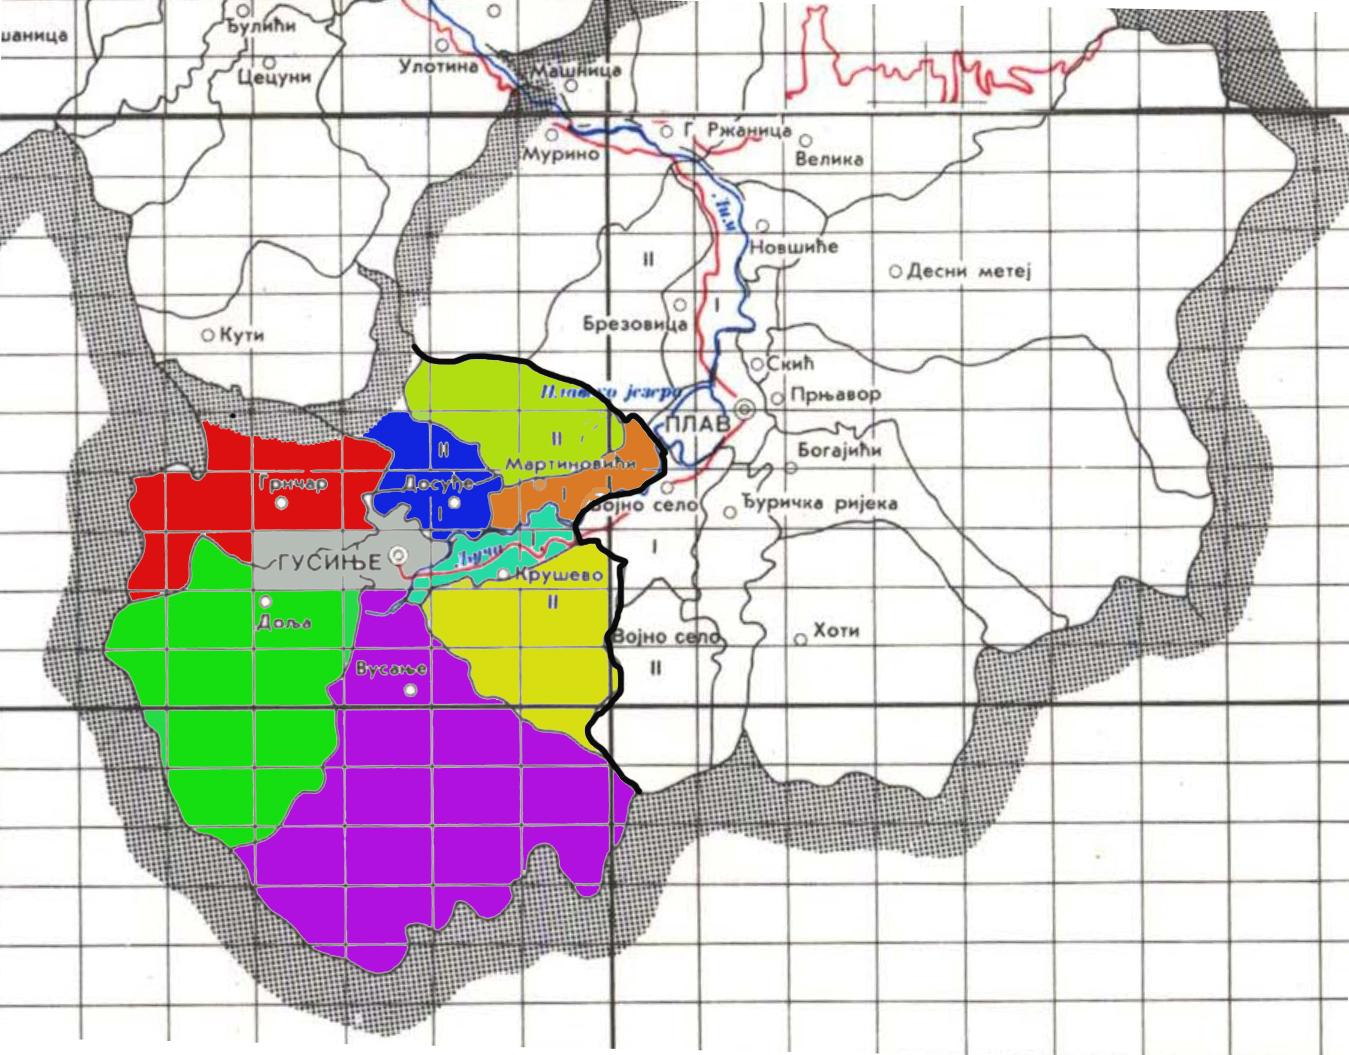 Karta Katastarskih Opstina Gusinje